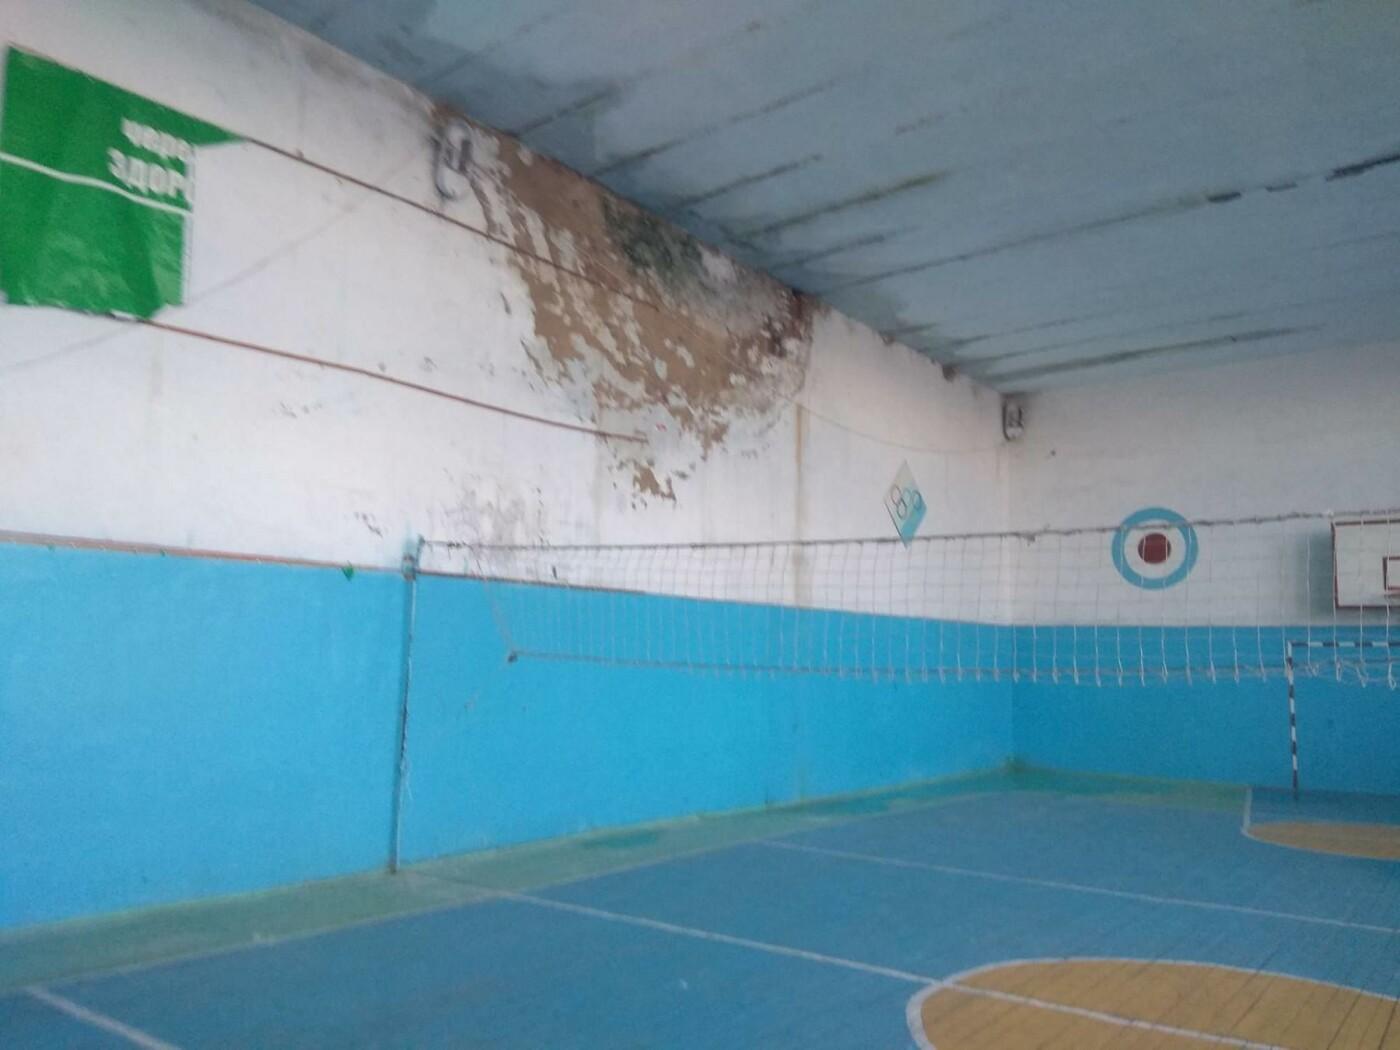 На Тернопільщині діти лишилися без спортзалу через сніг та дощ (відео, фото), фото-2